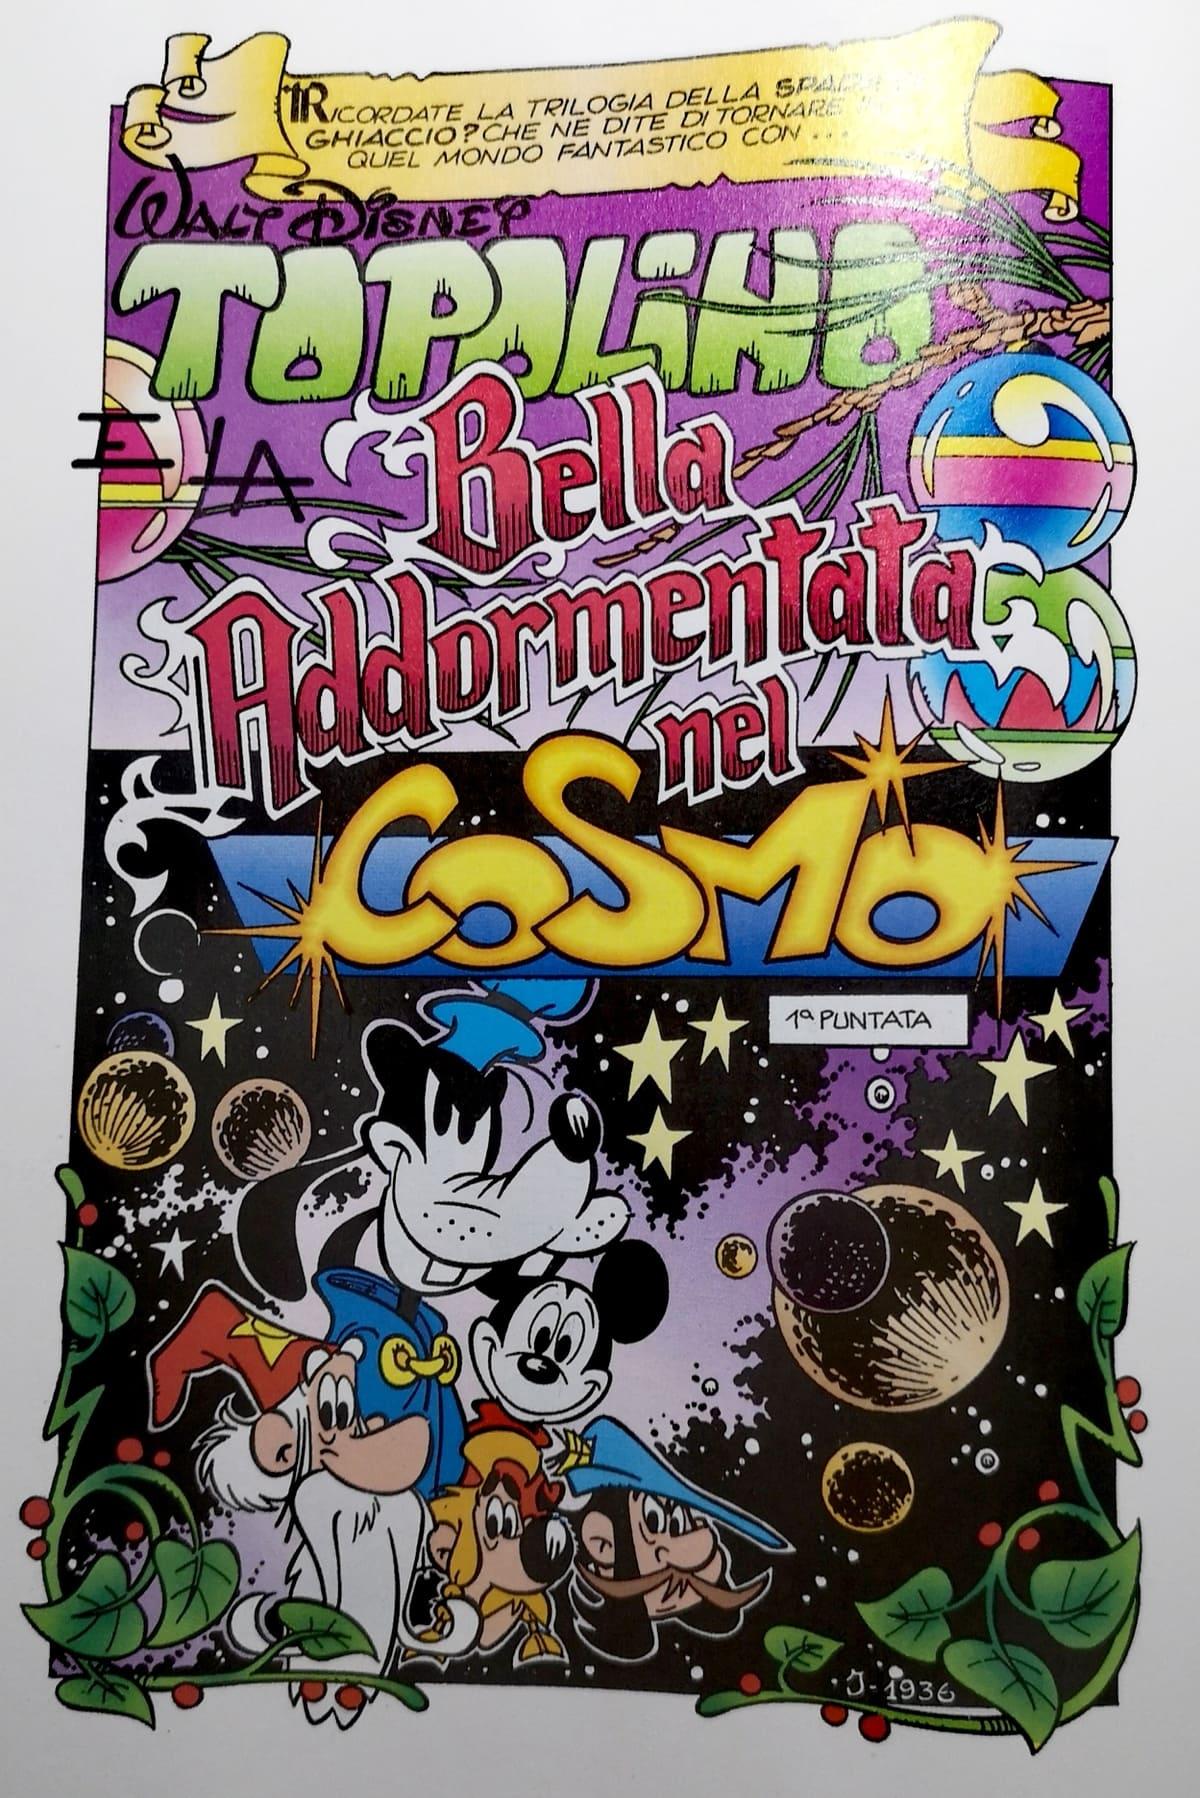 topolino e la bella addormentata nel cosmo